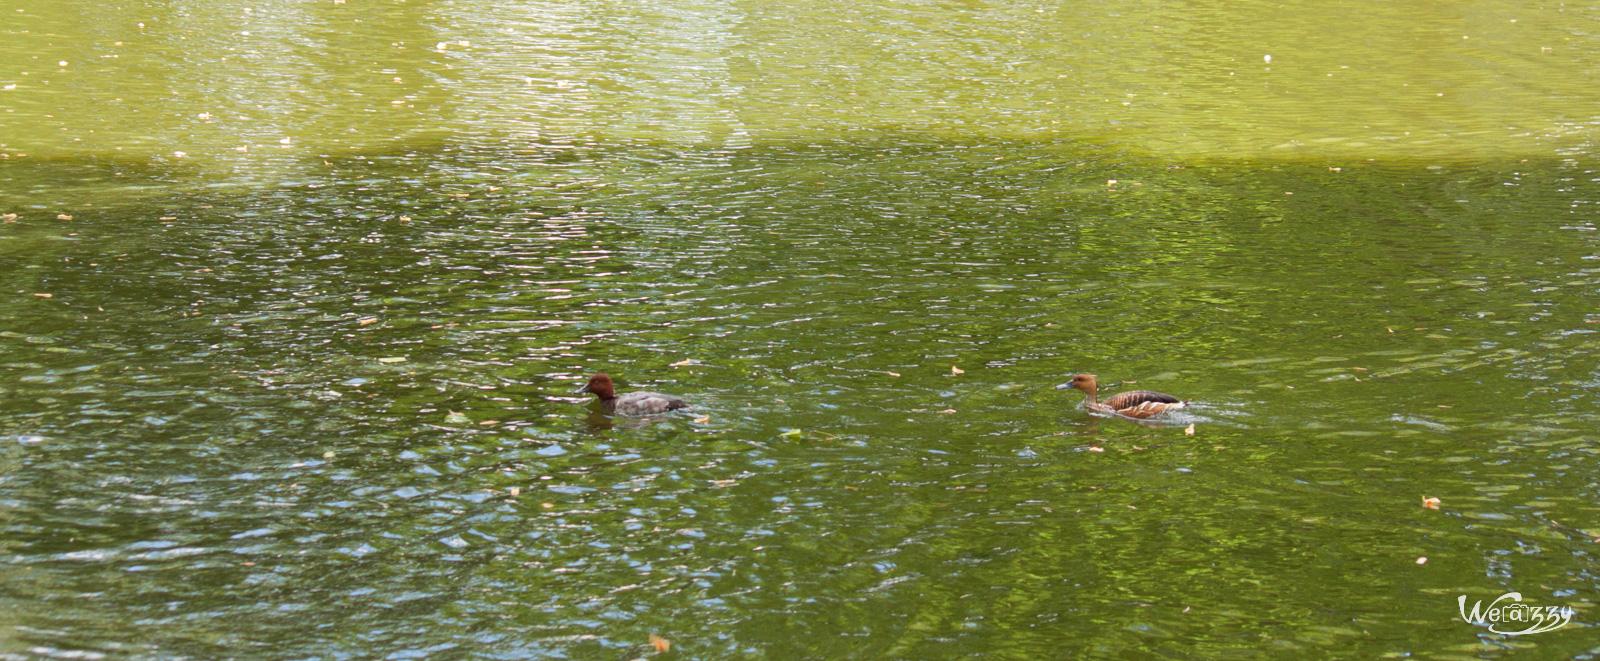 Course de canard 2